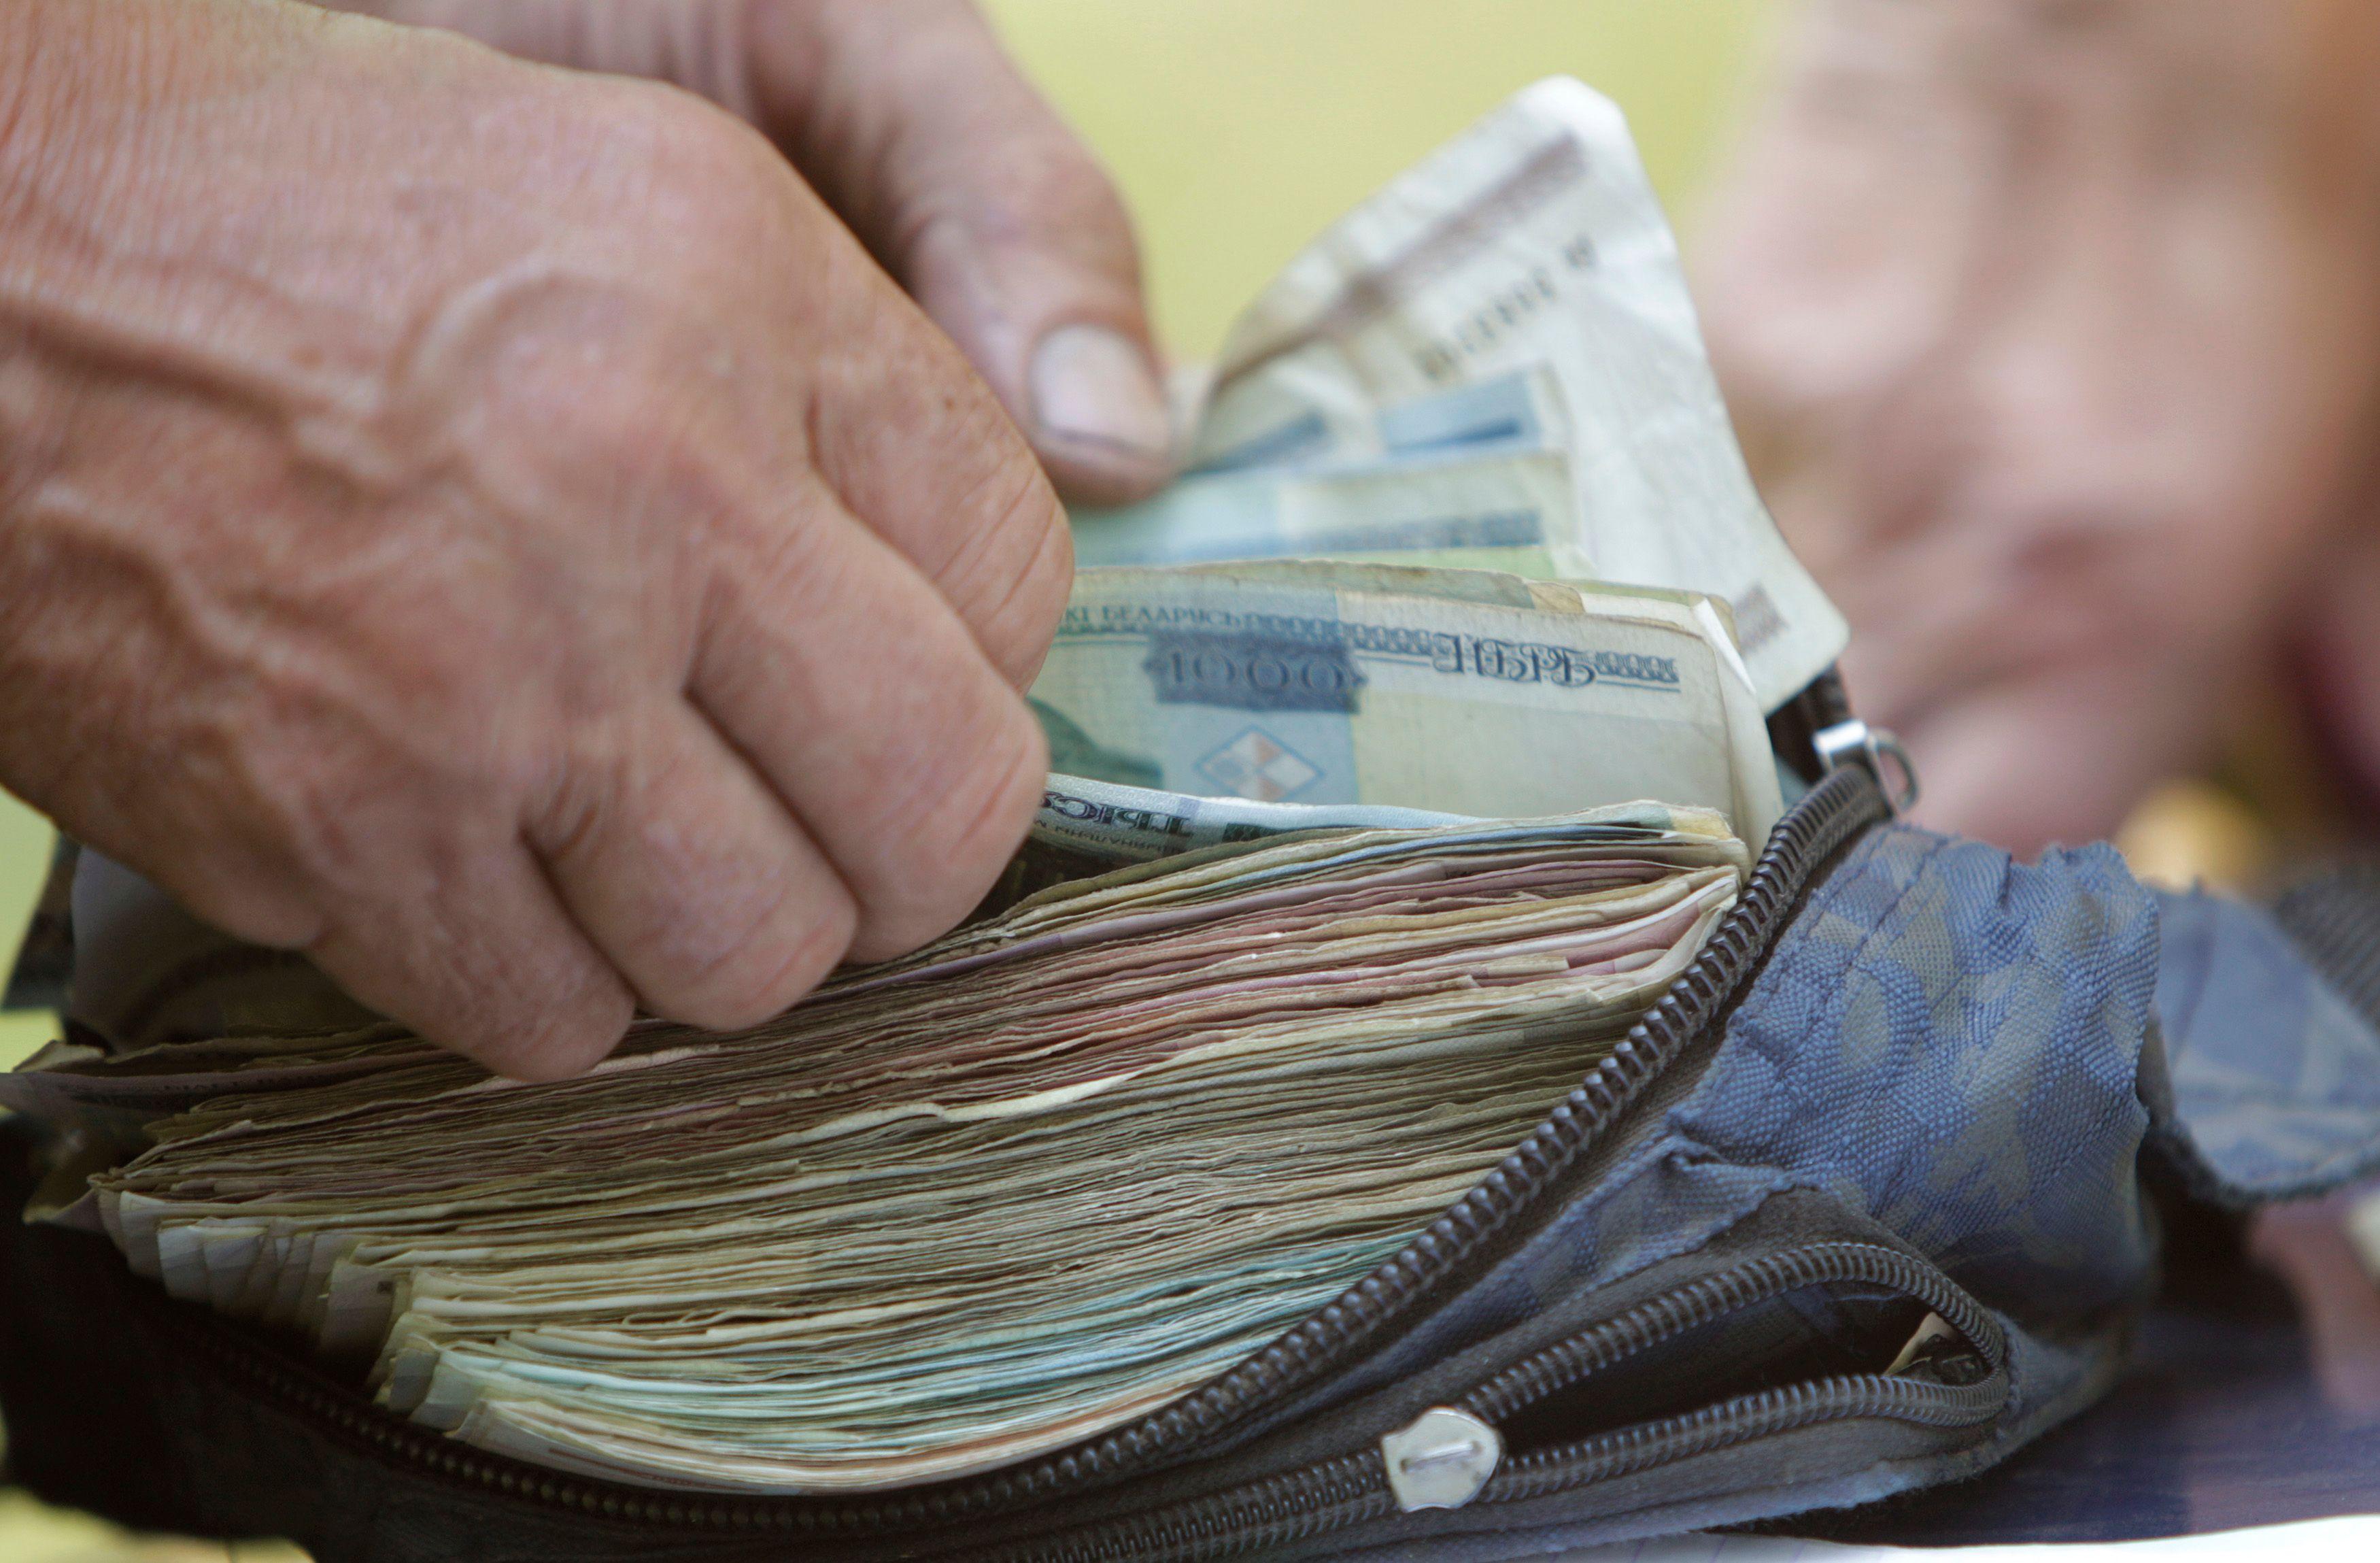 Roger Lenglet : La corruption alourdit la facture des marchés publics de 30 à 40 milliards d'euros par an